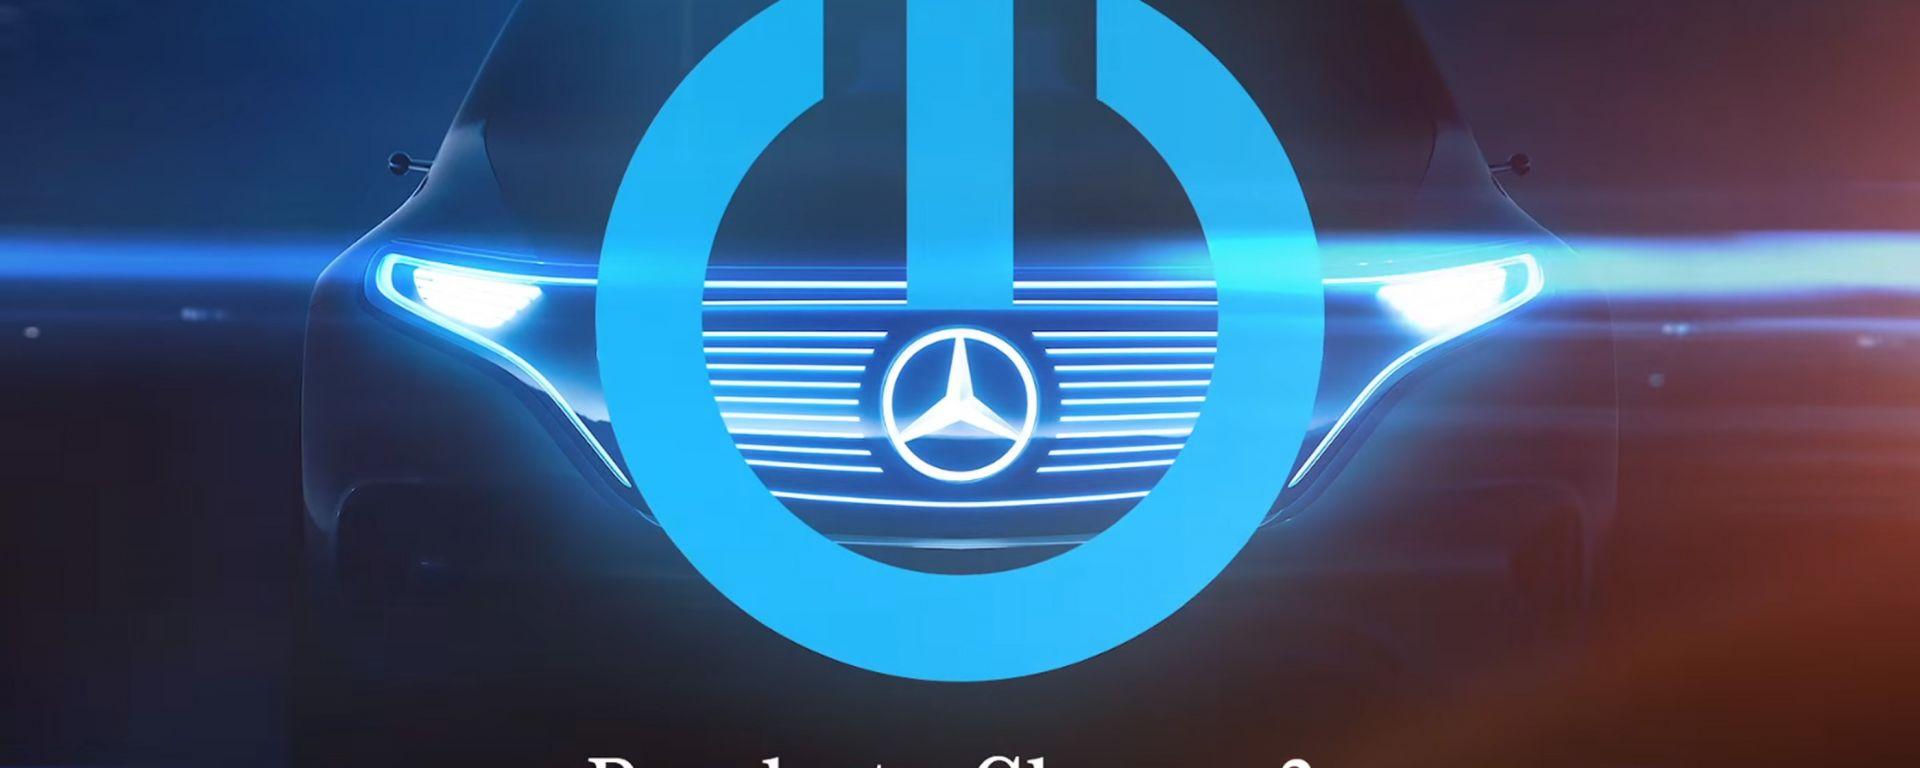 Mercedes chiede se siamo pronti a cambiare. Si prospetta una rivoluzione elettrica per la Casa di Stoccarda?